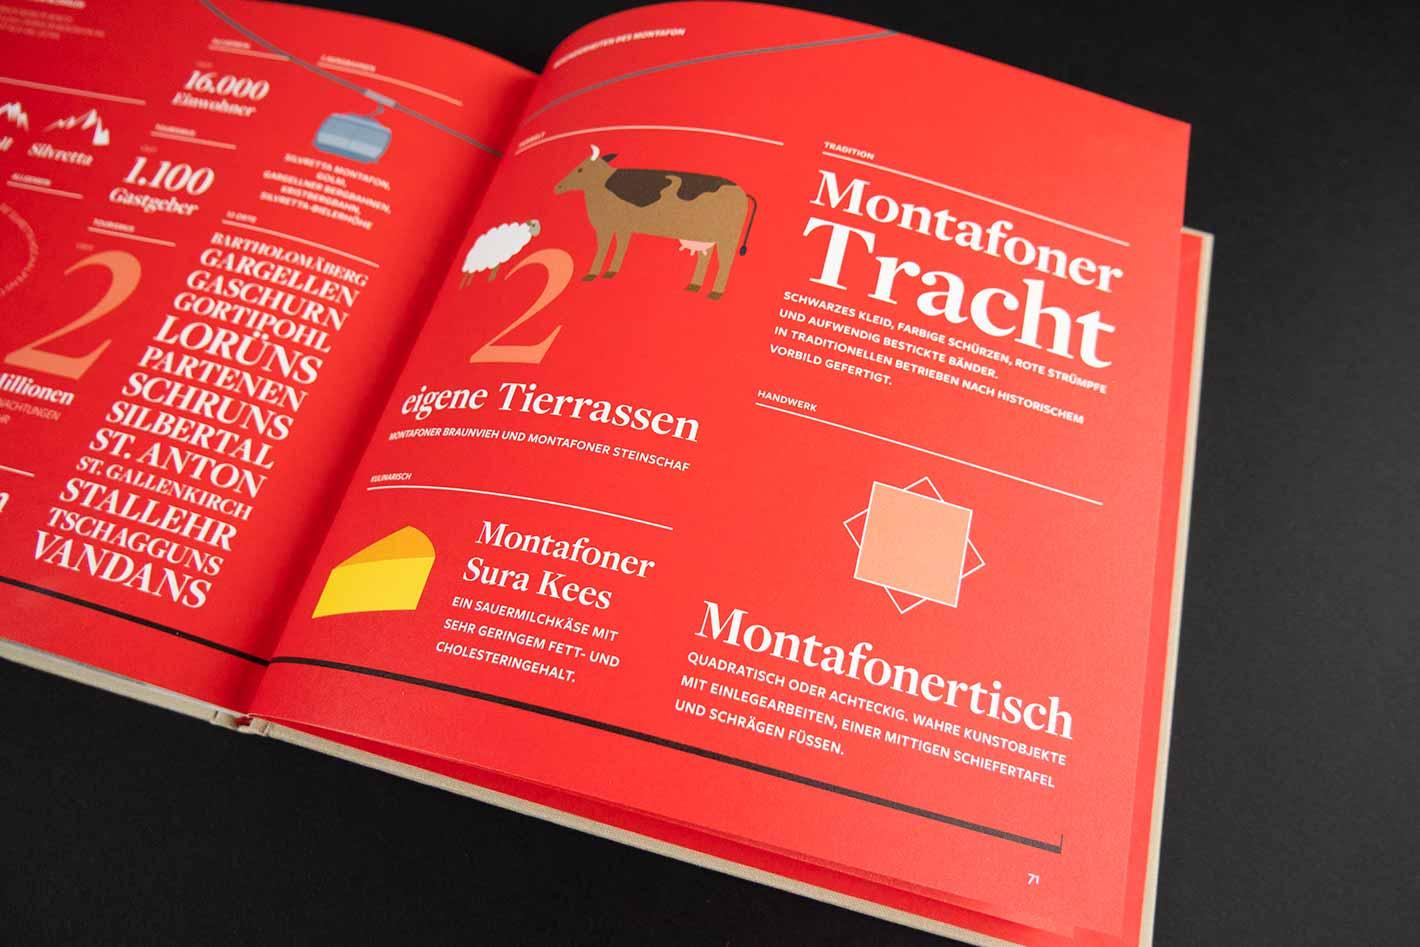 Case Montafon Tourismus Buch Innsenseite